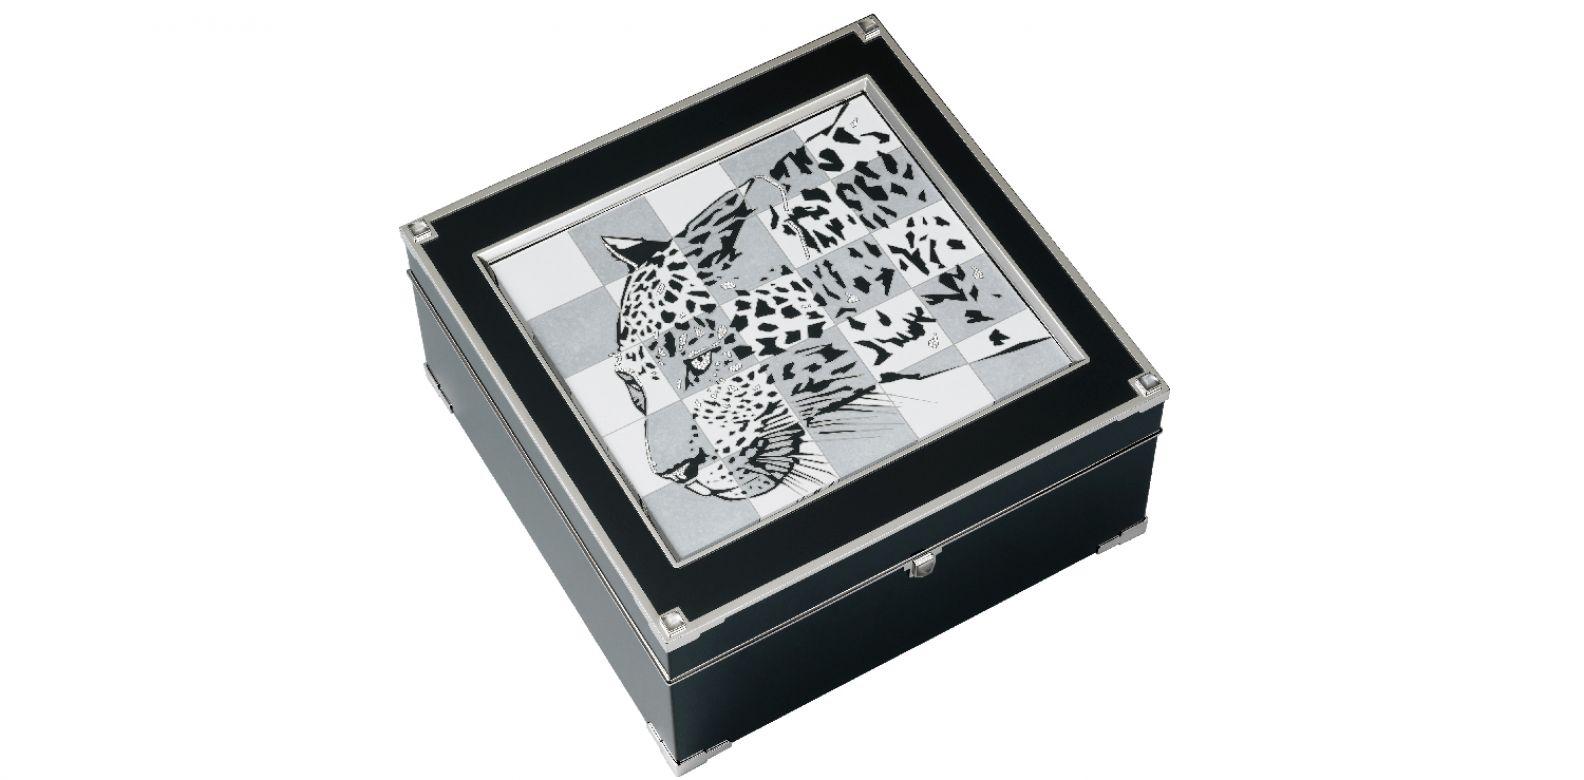 美洲豹頂級珠寶系列珠寶盒。(圖片提供/Cartier)